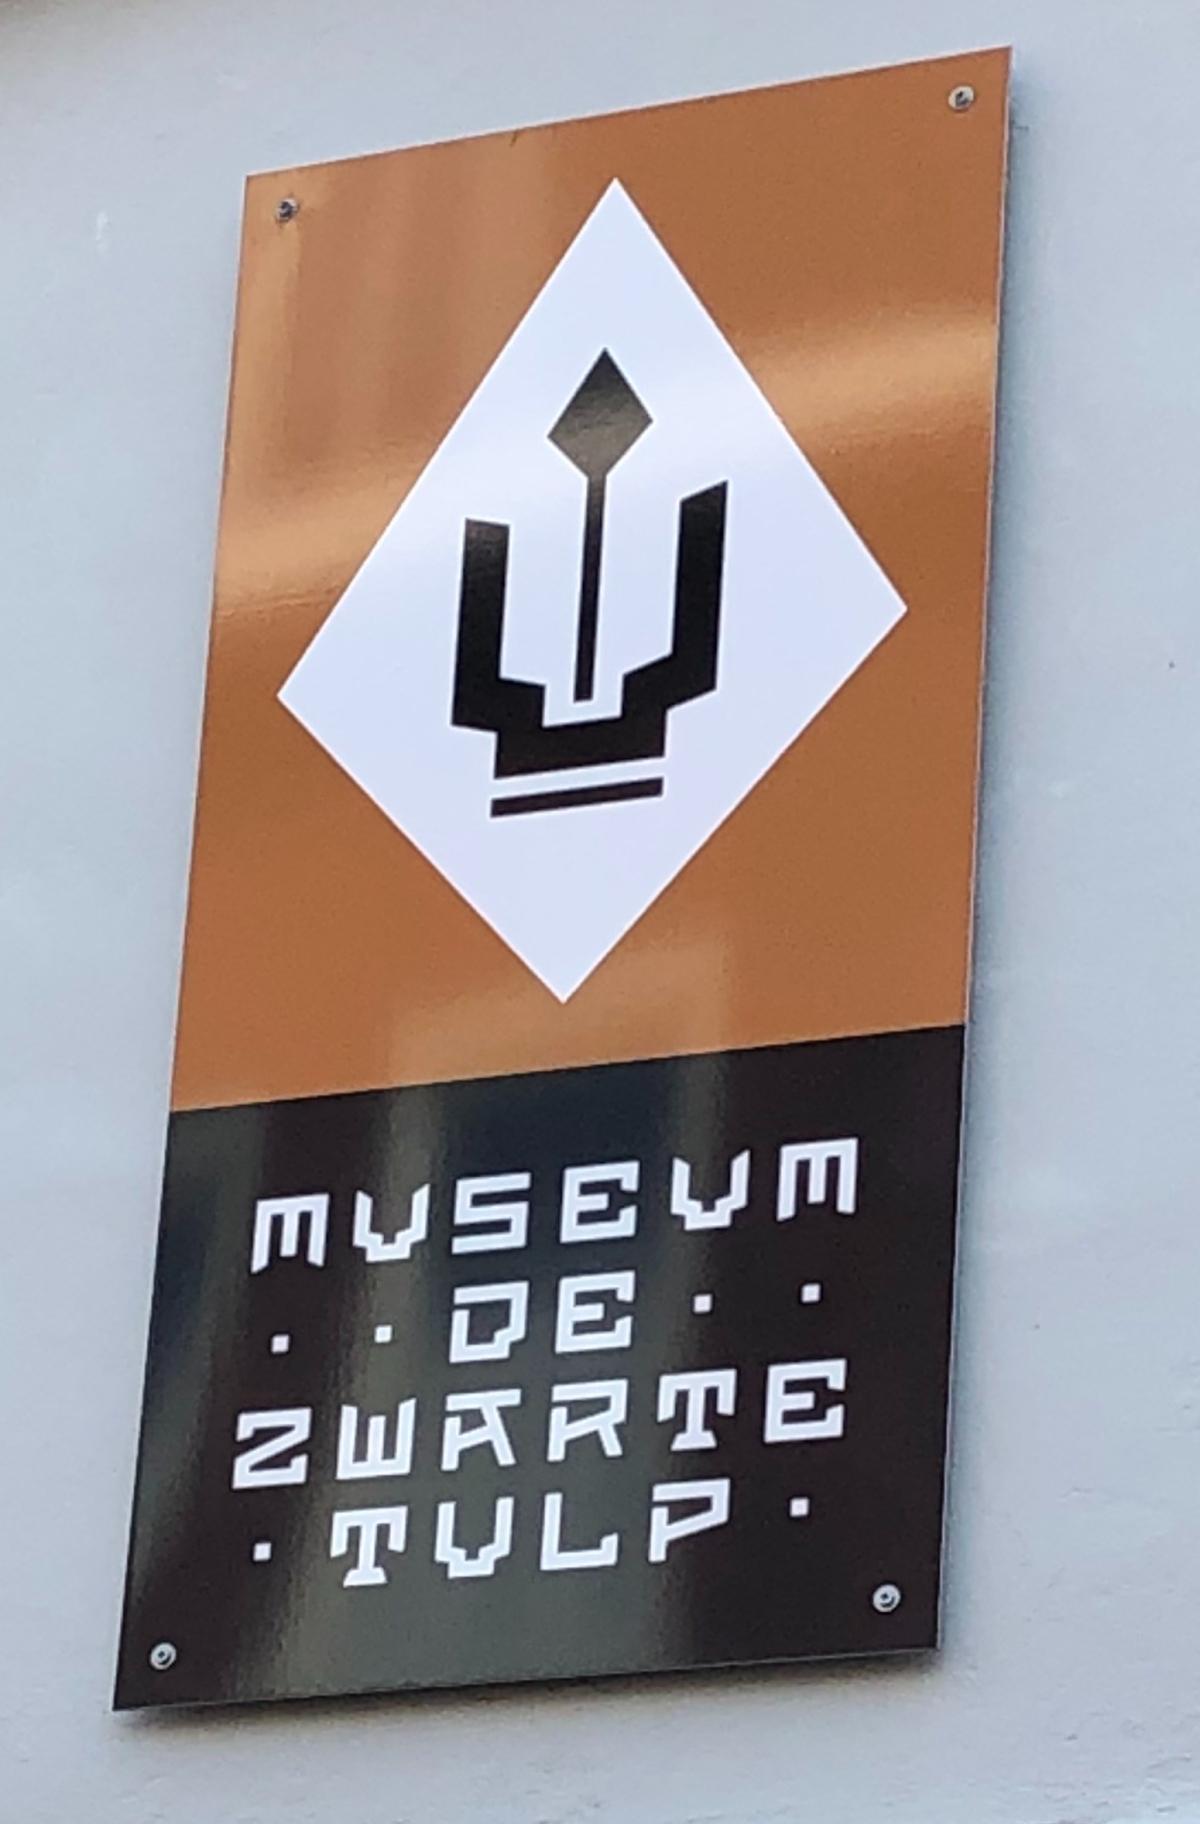 Museum De Zwarte Tulp - Lisse, NL